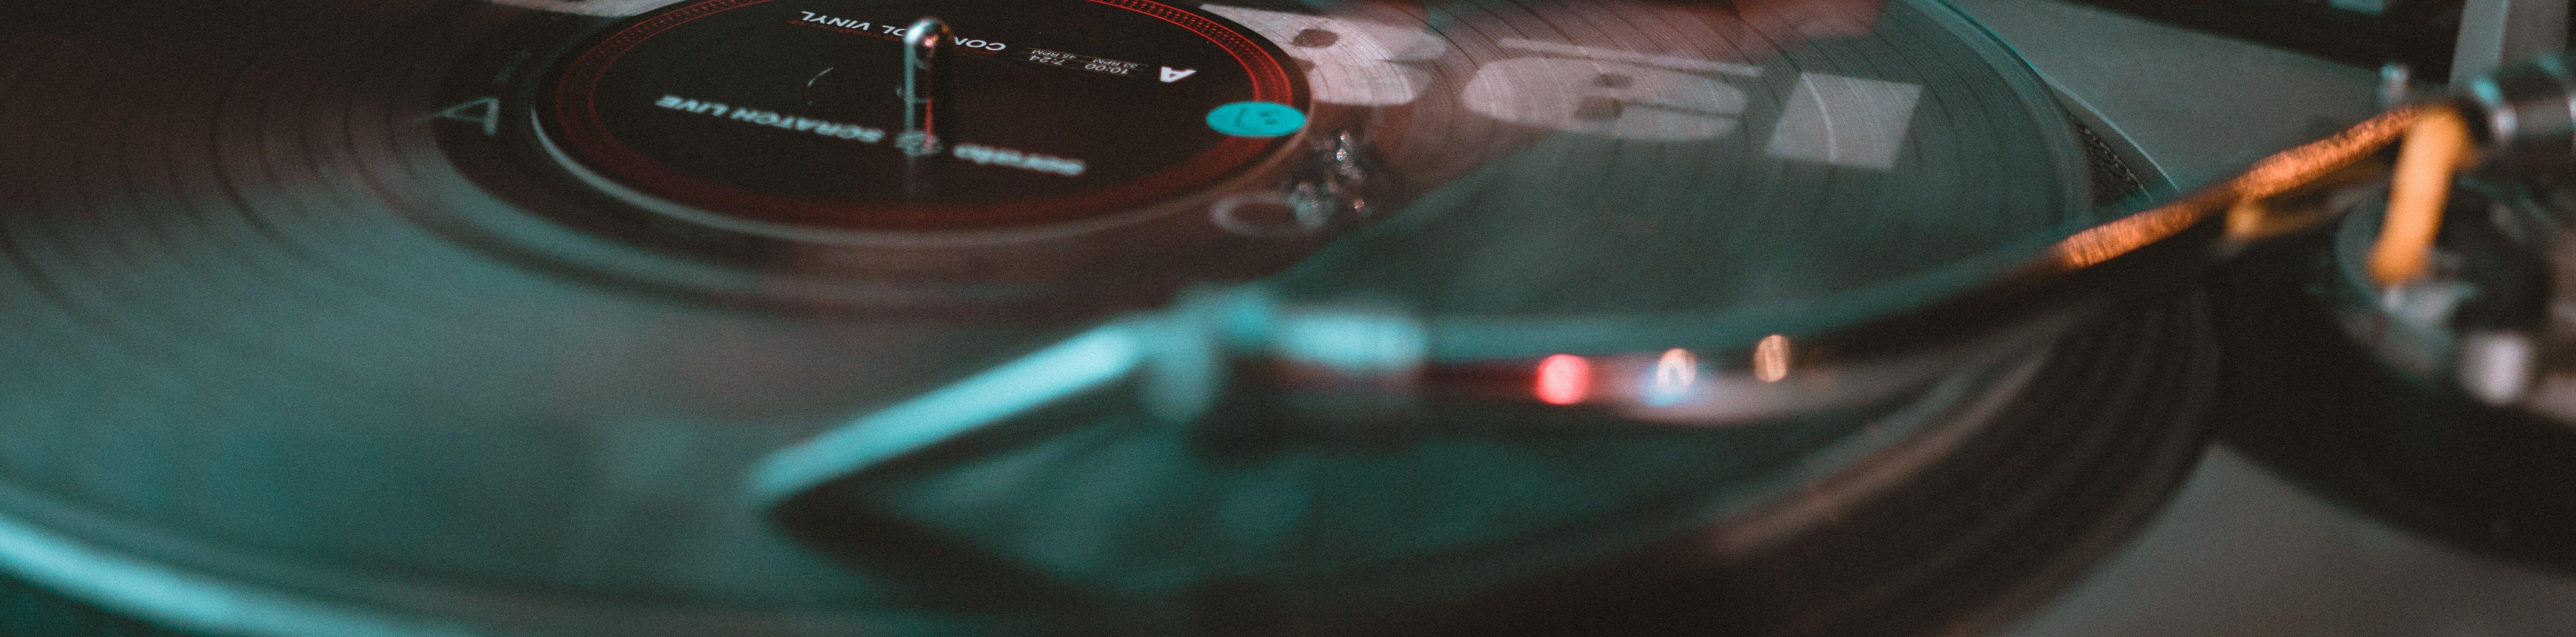 Link in Bio - Instagram - Vinyl41 - Vinyl 41